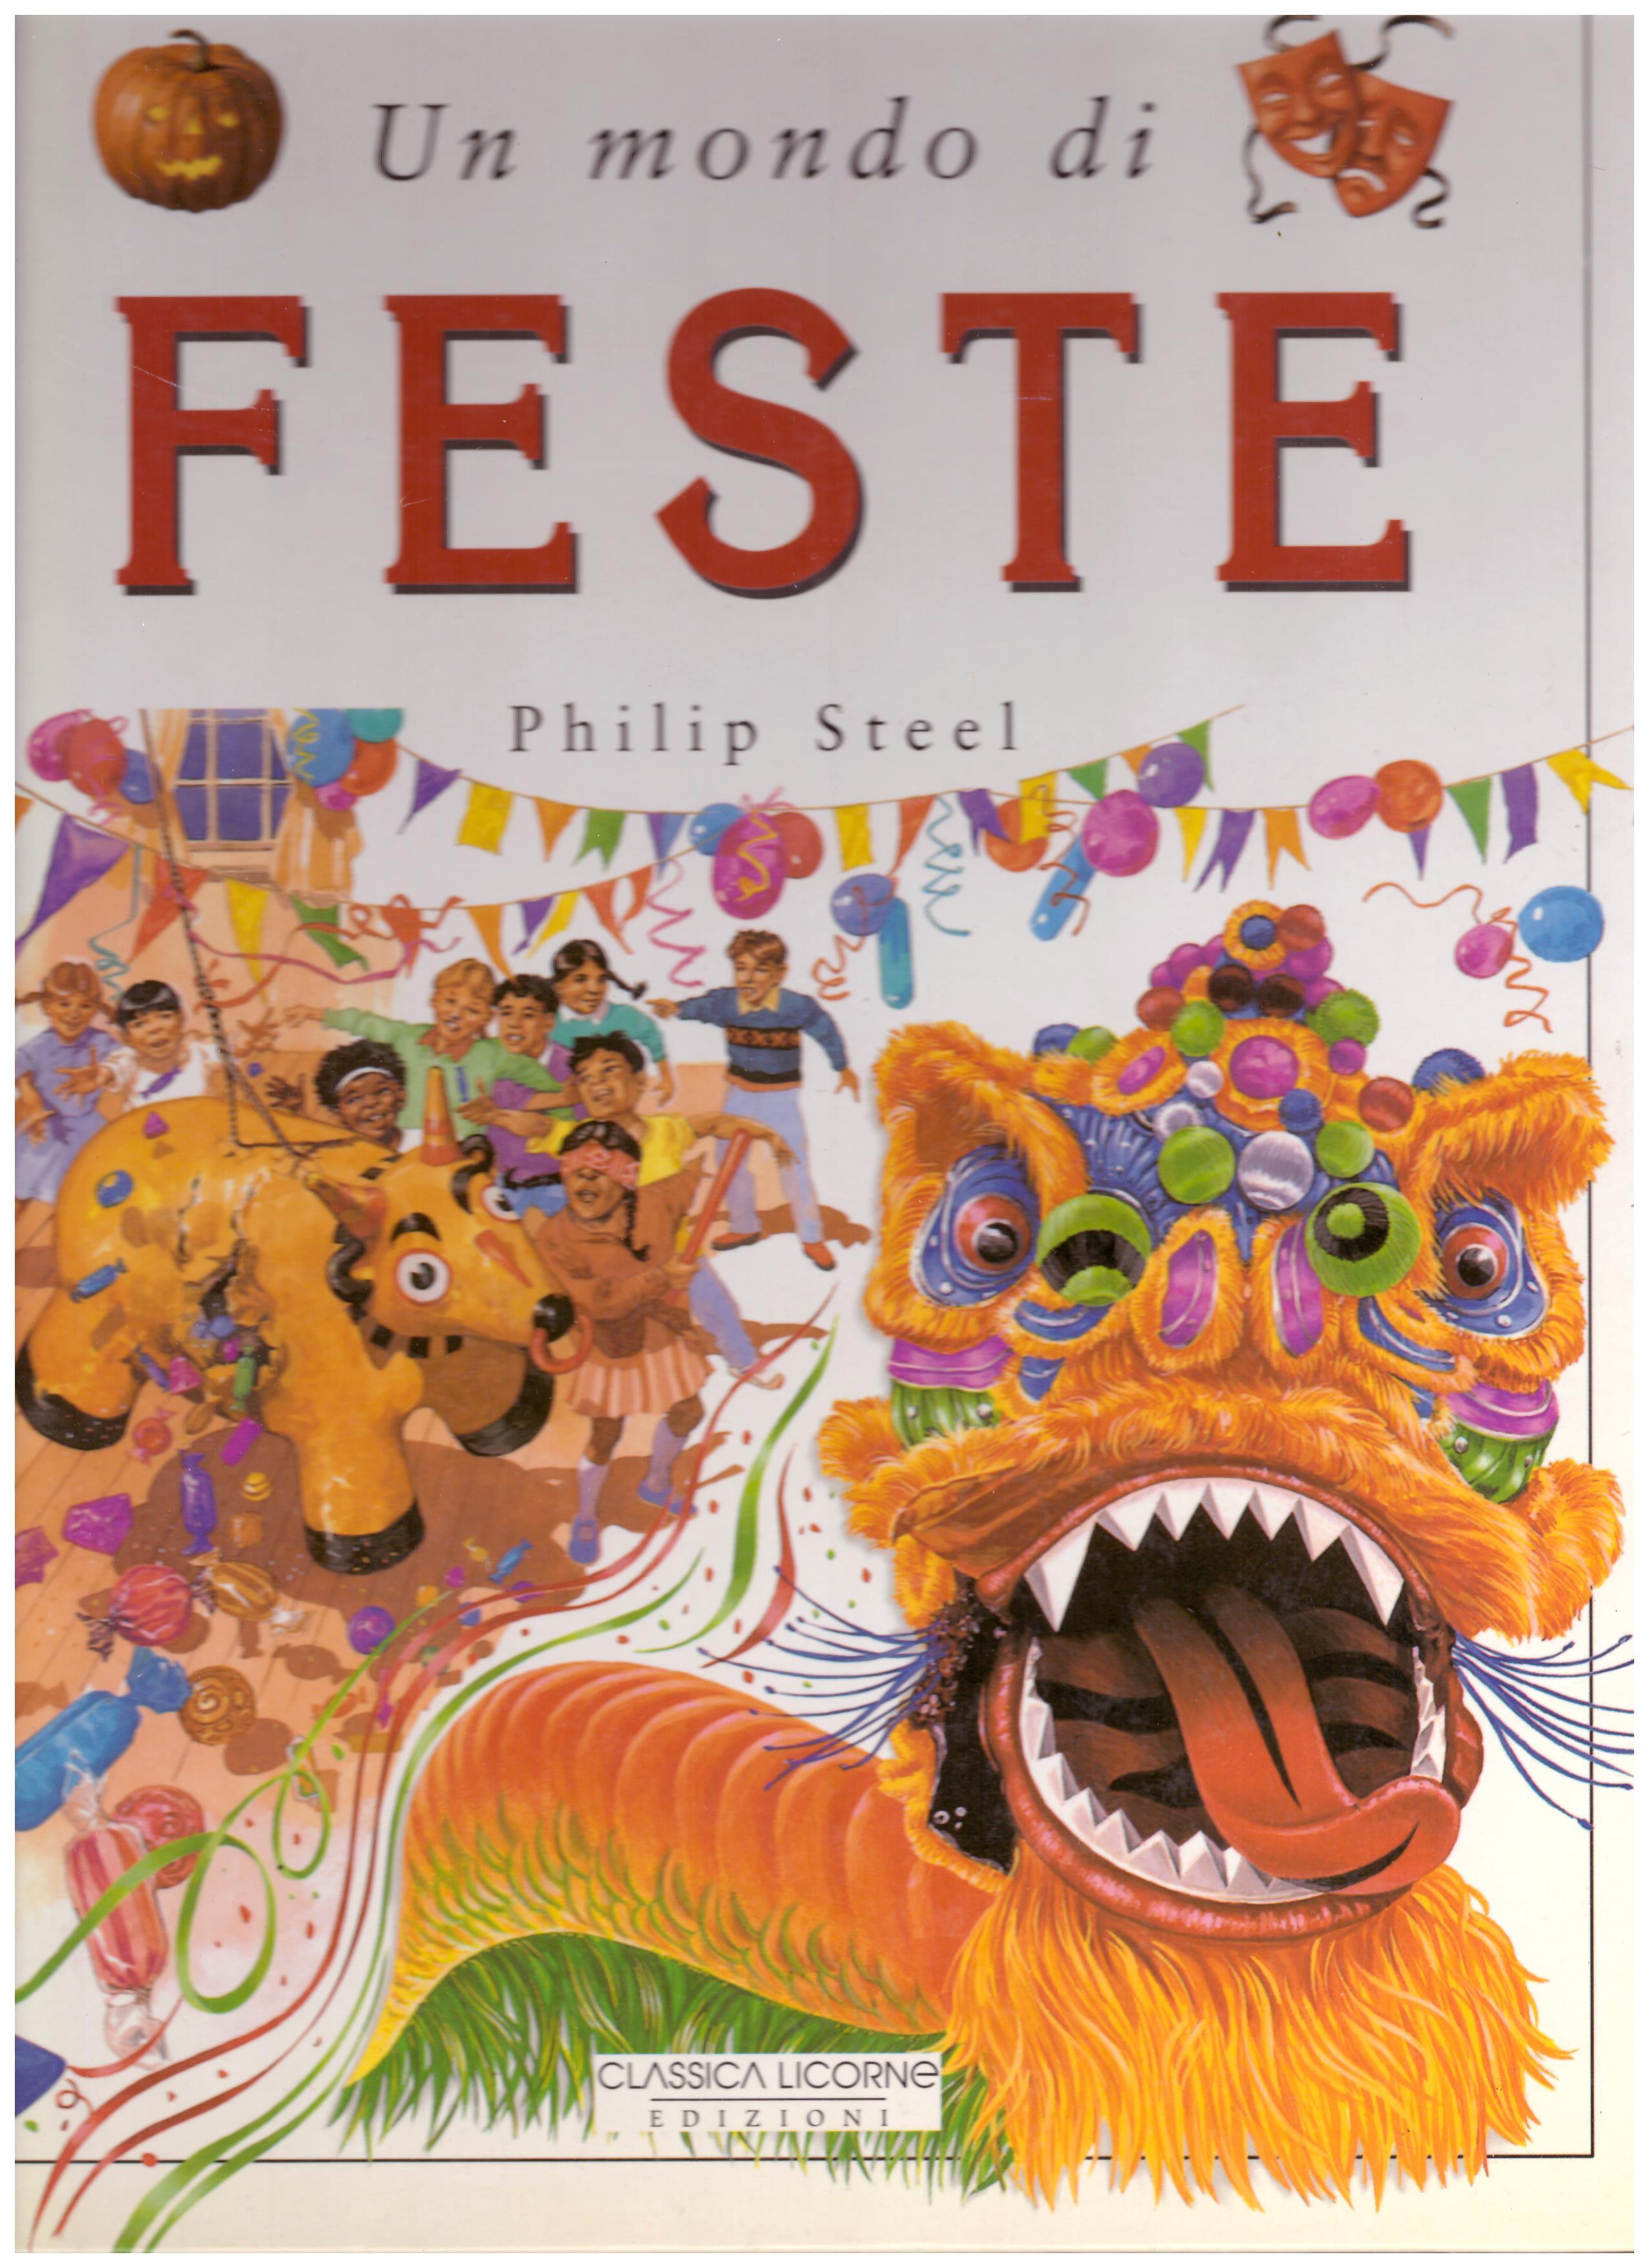 Titolo: Un mondo di feste  Autore: Philip Steel  Editore: classica Licorne